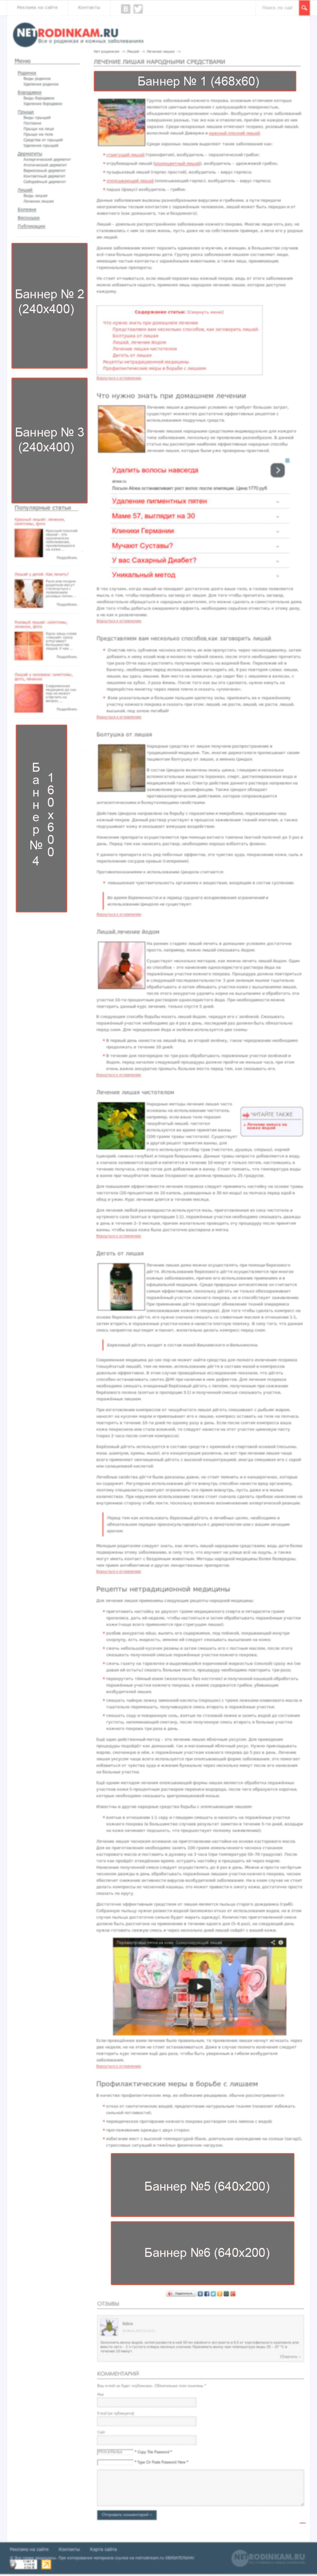 реклама на сайте netrodinkam.ru